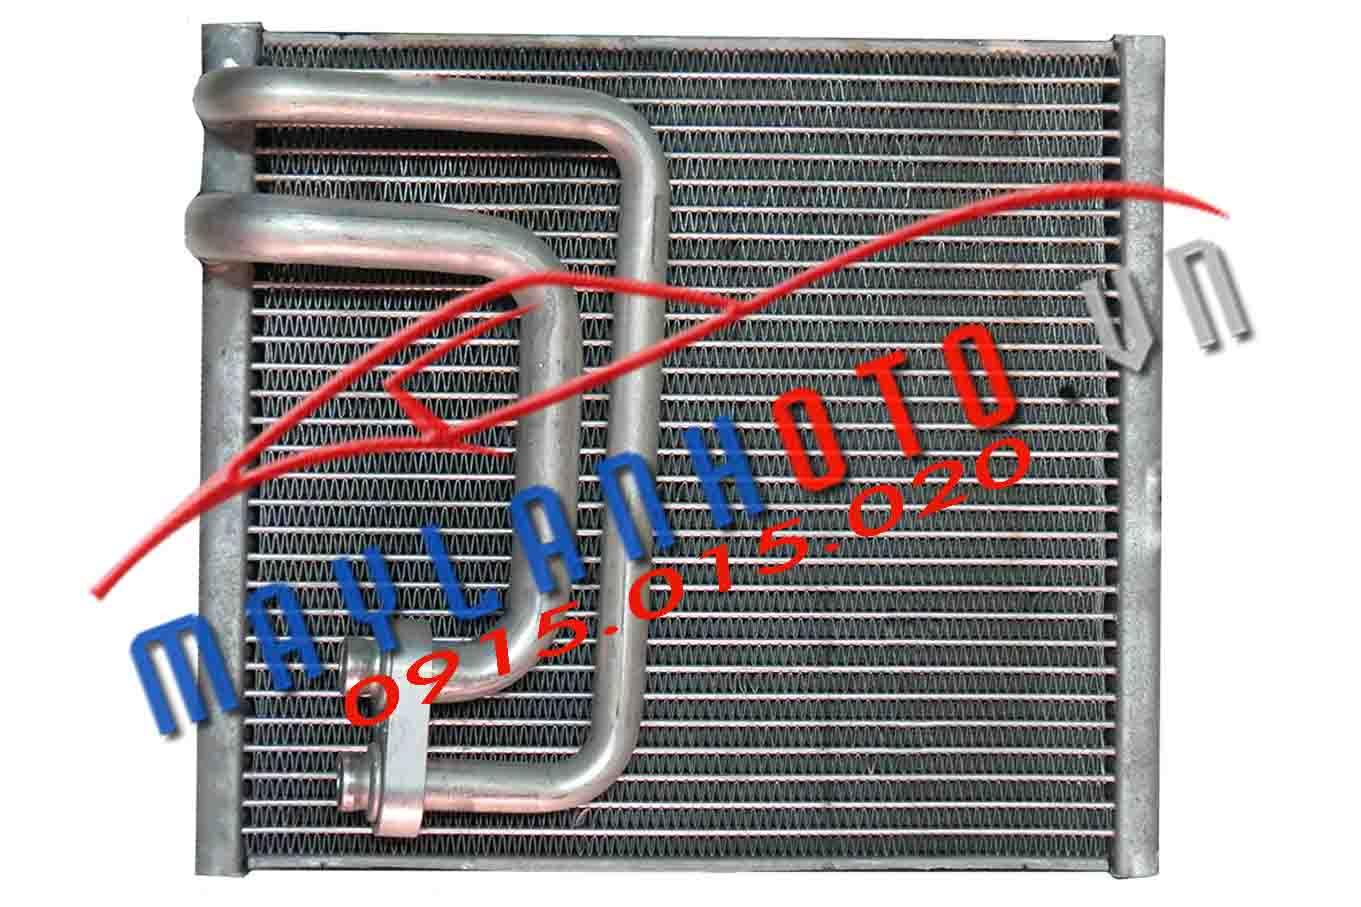 Hyundai Starex sau 08-17 / Dàn lạnh sau Hyundai Starex 2008-2017 / Giàn lạnh sau Hyundai Starex 2008-2017